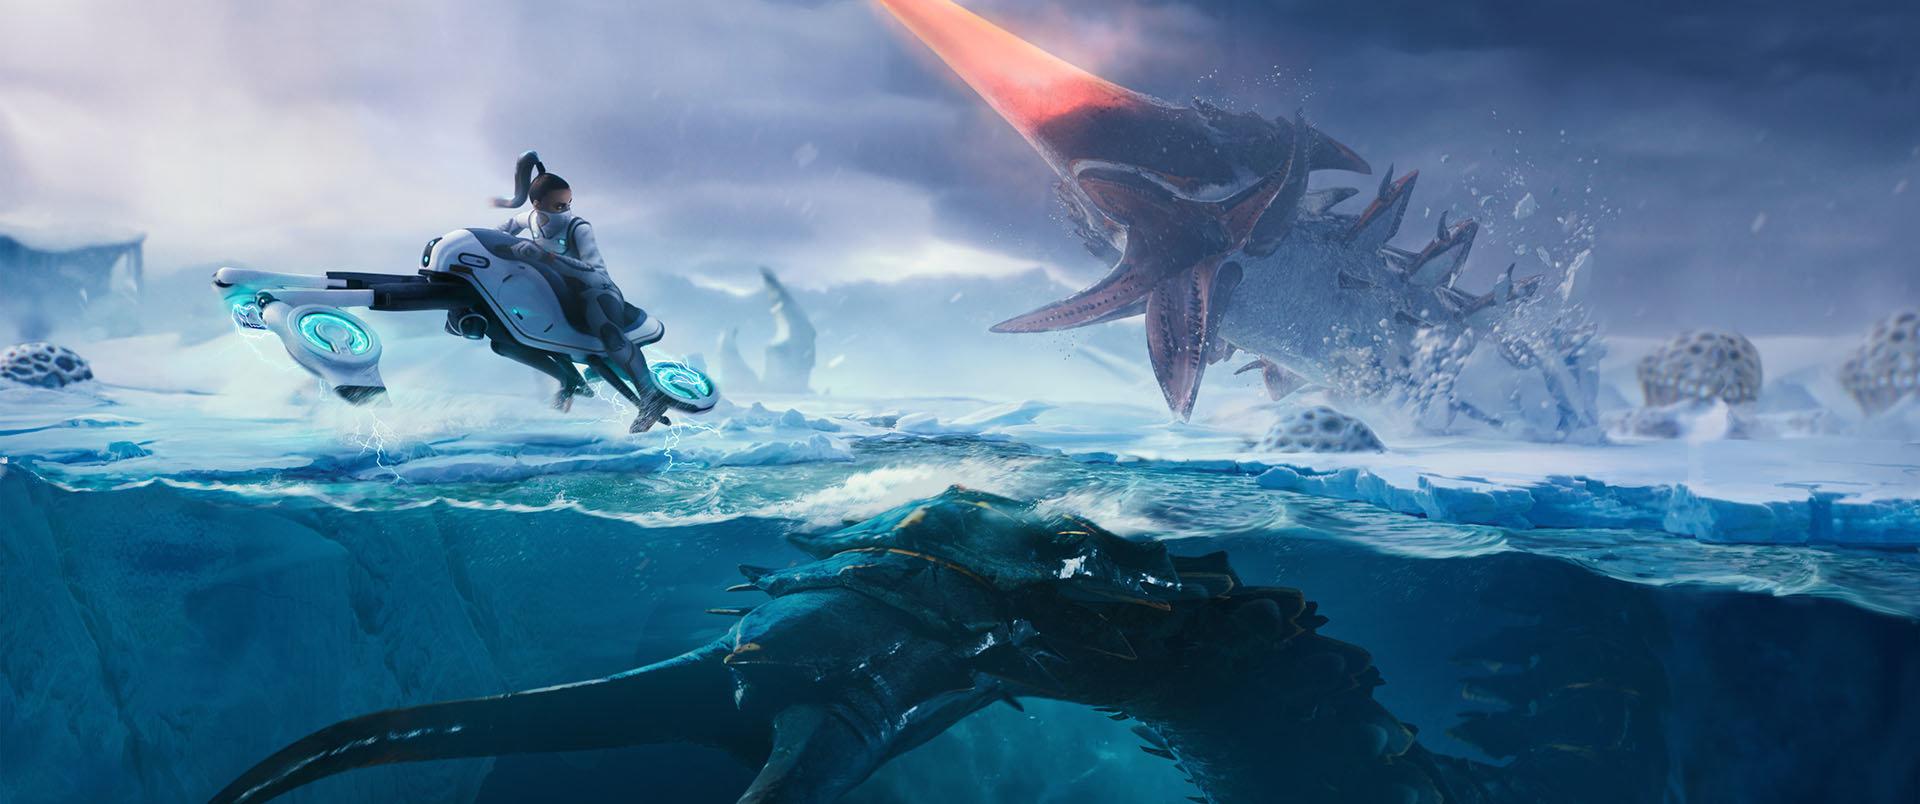 Epic Games Fortnite Steam | Fortnite Free 10000 V Bucks